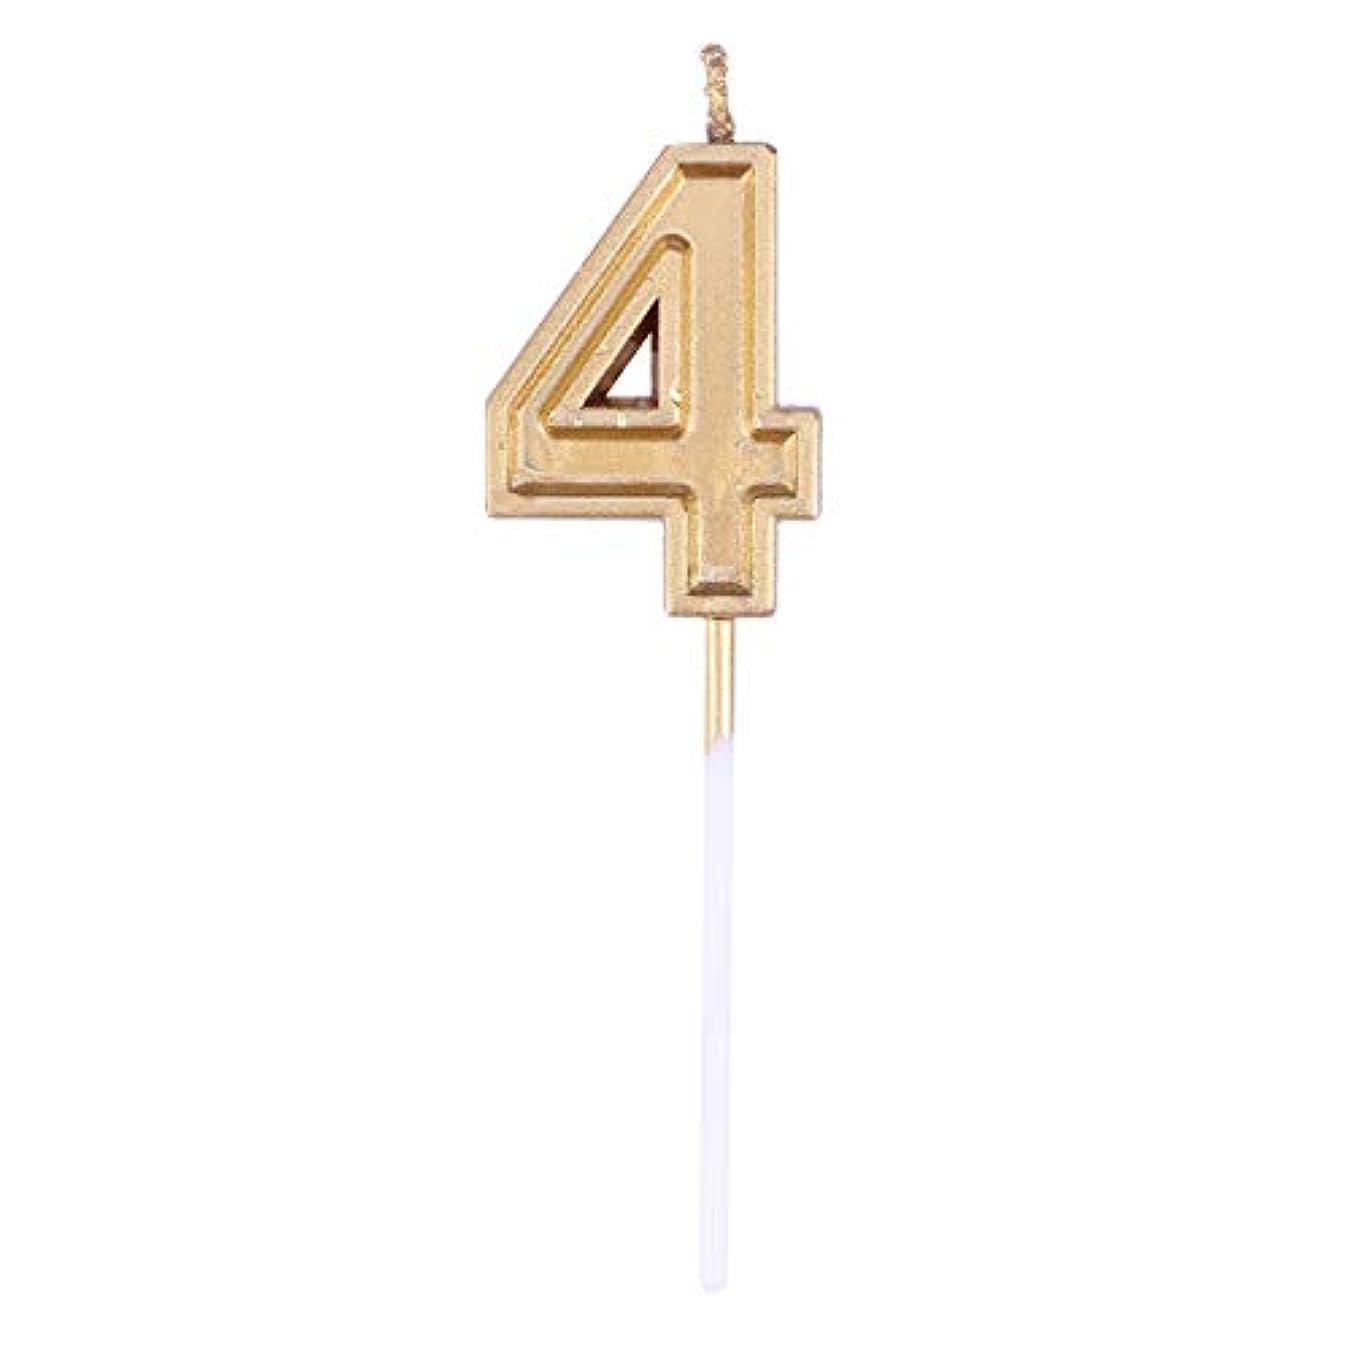 コンドームソート解説Toyvian ゴールドラメ誕生日おめでとう数字キャンドル番号キャンドルケーキトッパー装飾用大人キッズパーティー(番号4)